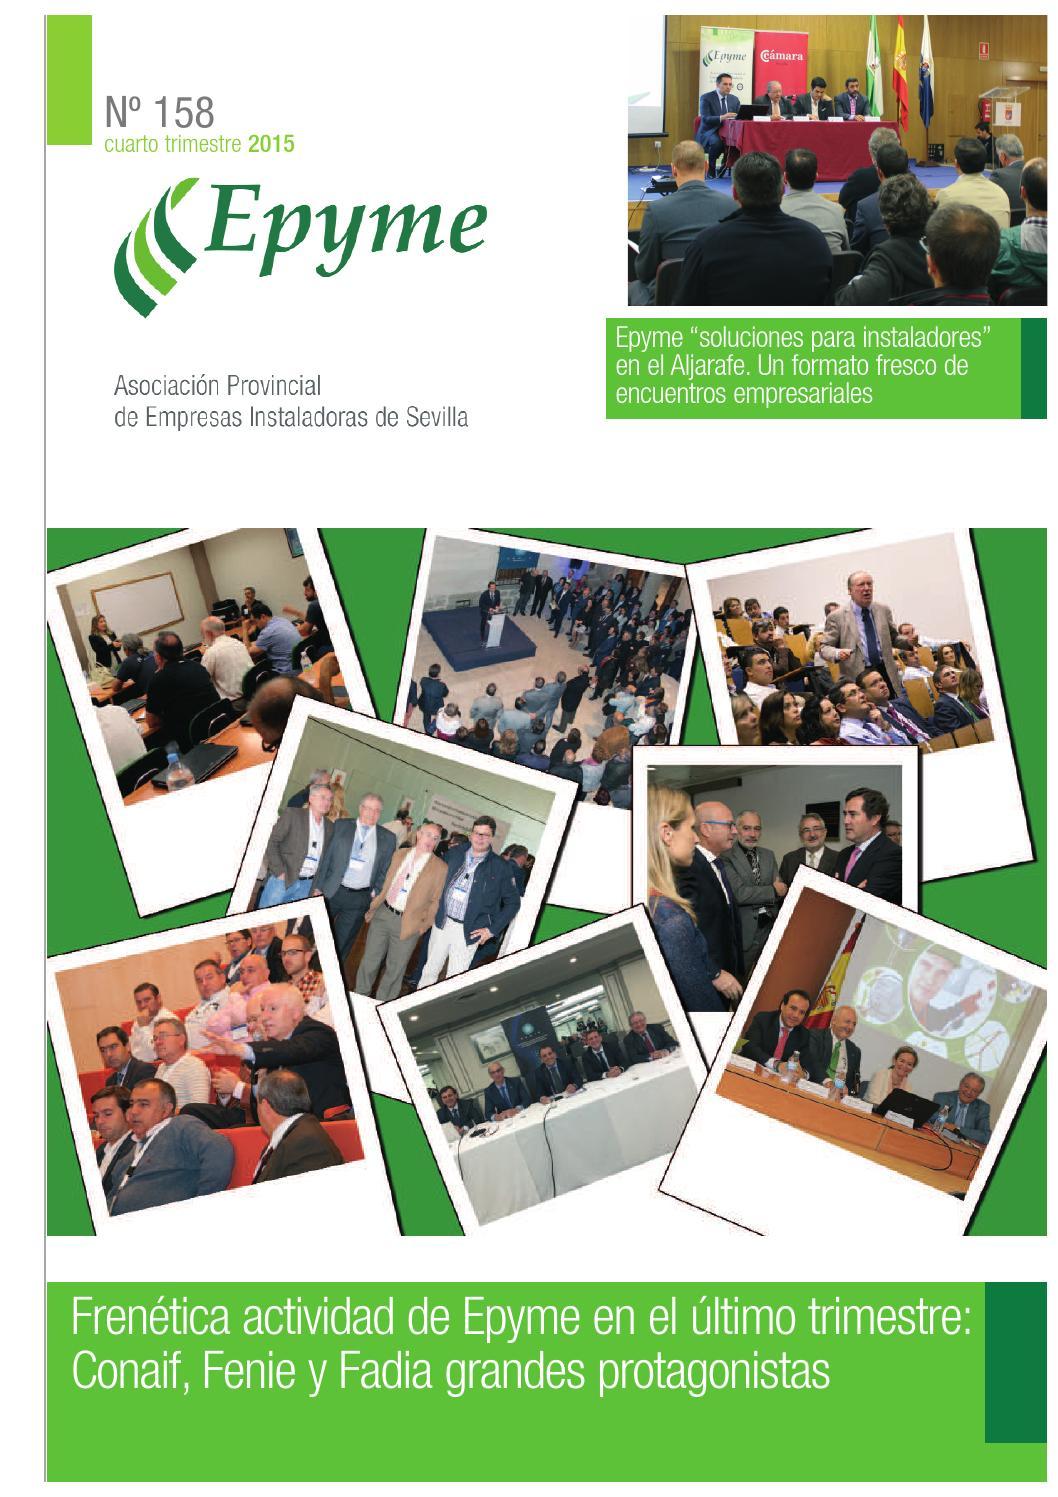 Revista Epyme 158 by Miguel Ruiz - issuu